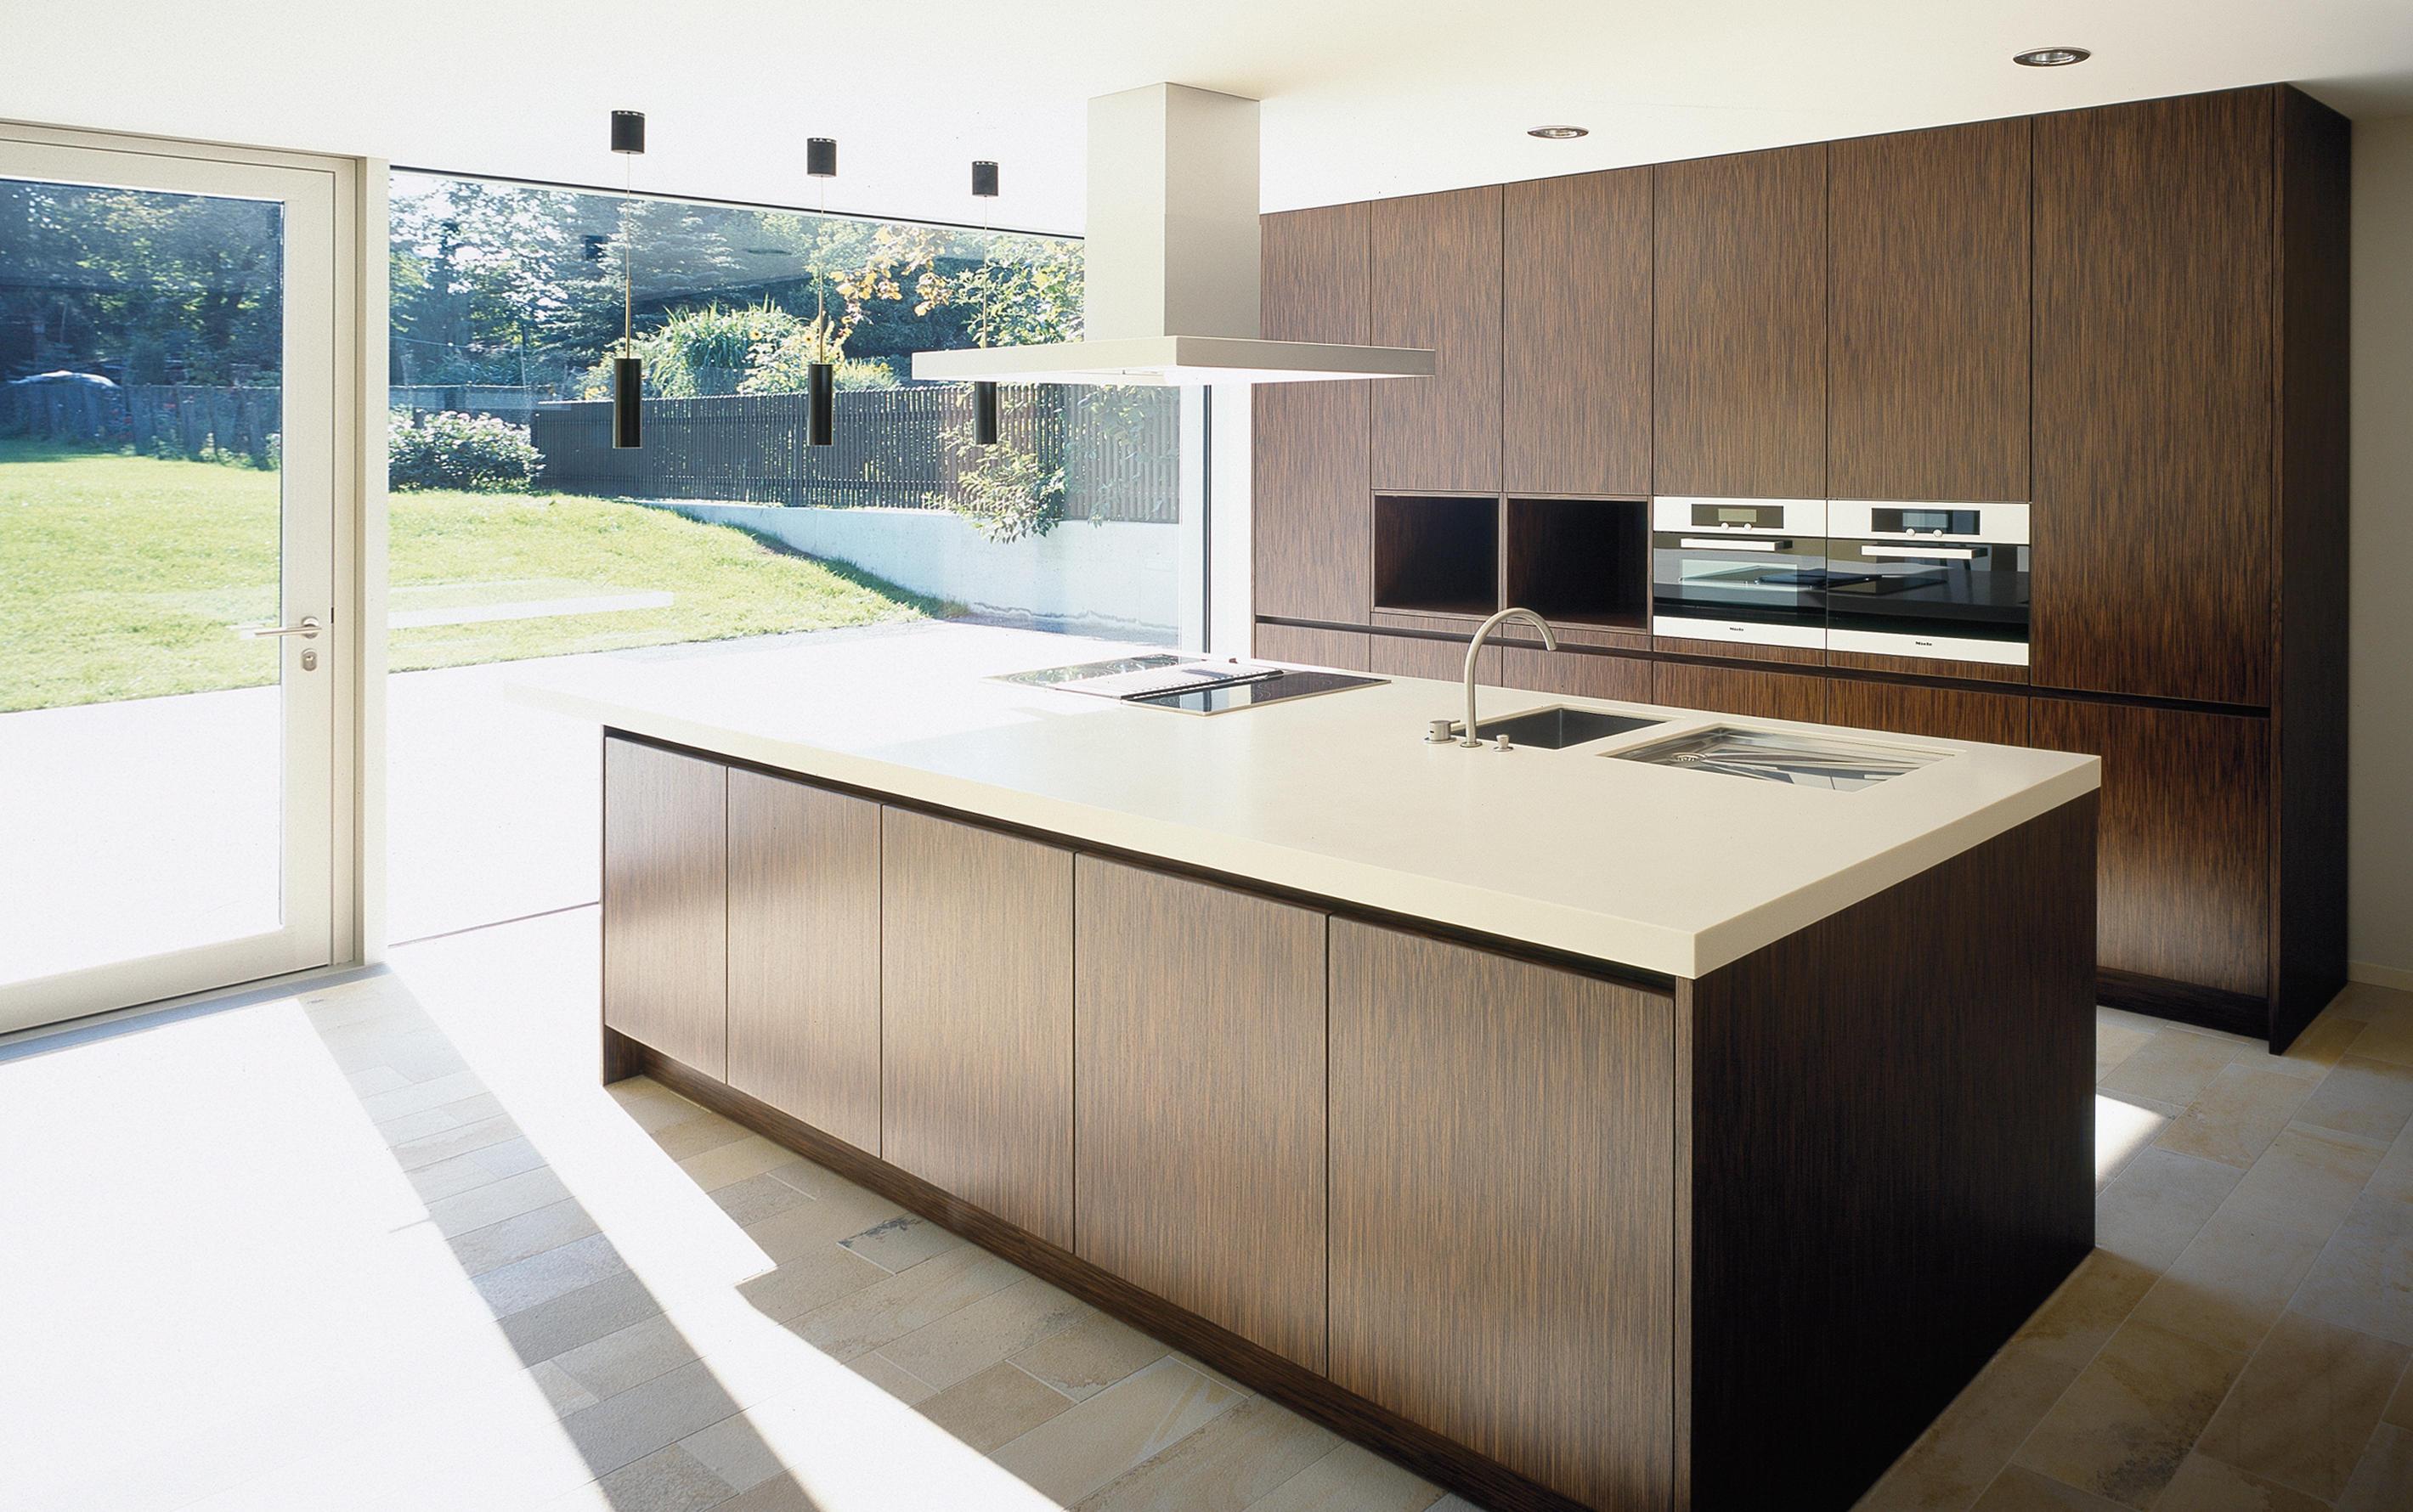 villa lichtenstein island kitchens from eggersmann. Black Bedroom Furniture Sets. Home Design Ideas